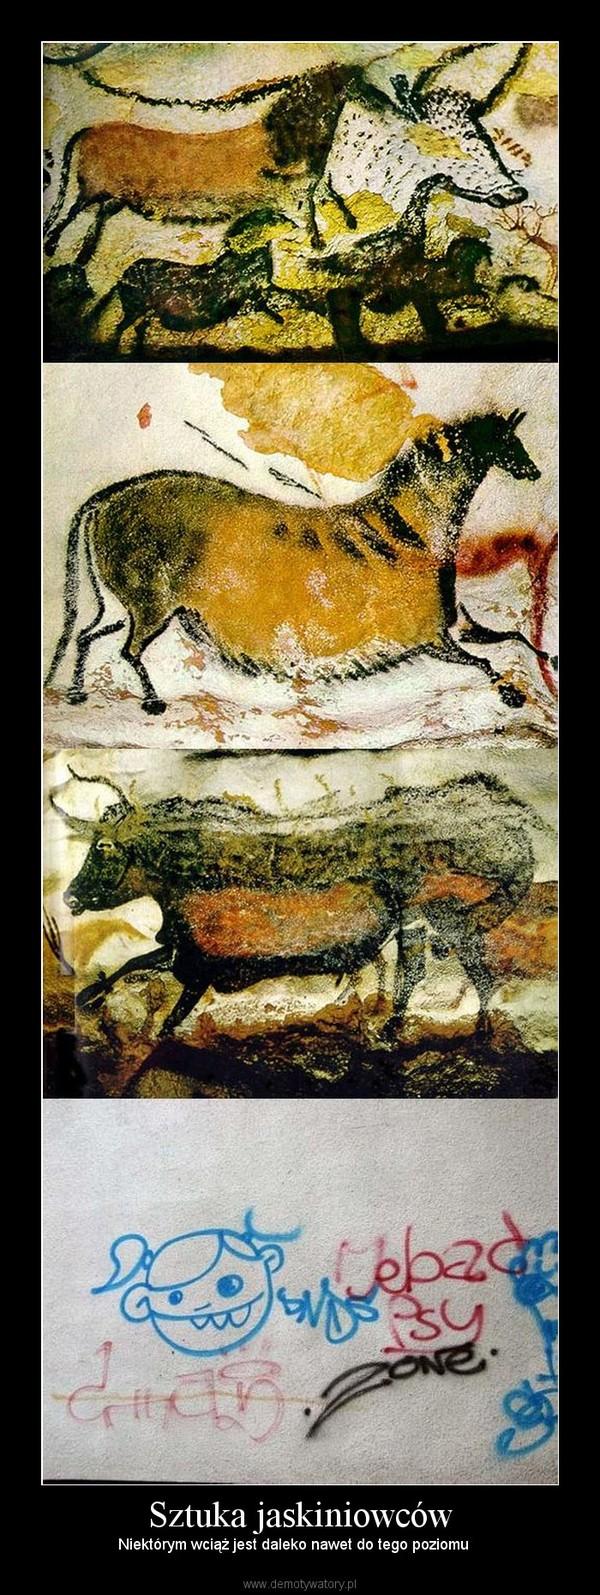 Sztuka jaskiniowców – Niektórym wciąż jest daleko nawet do tego poziomu